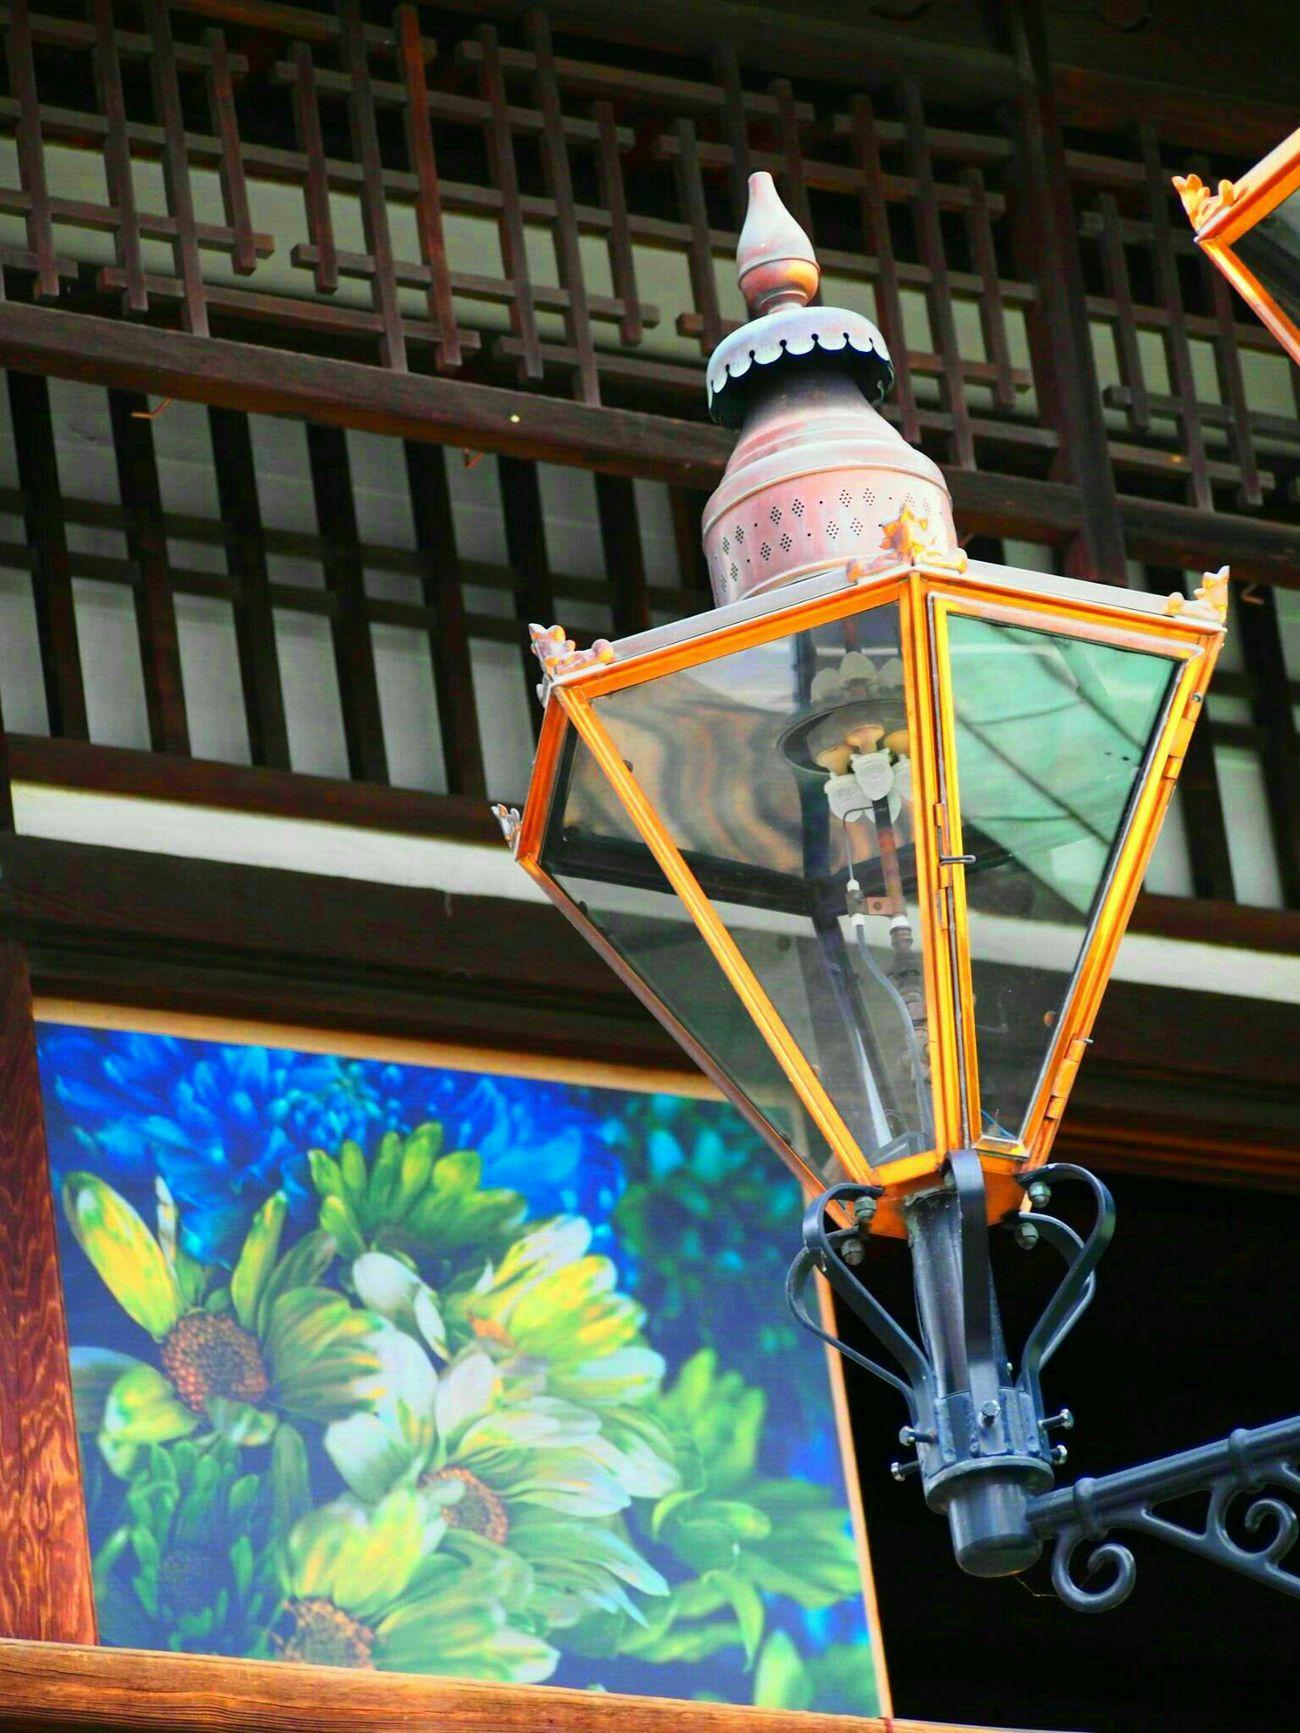 道後オンセナート2015 道後温泉 アート 街並み Flower Japan Photography